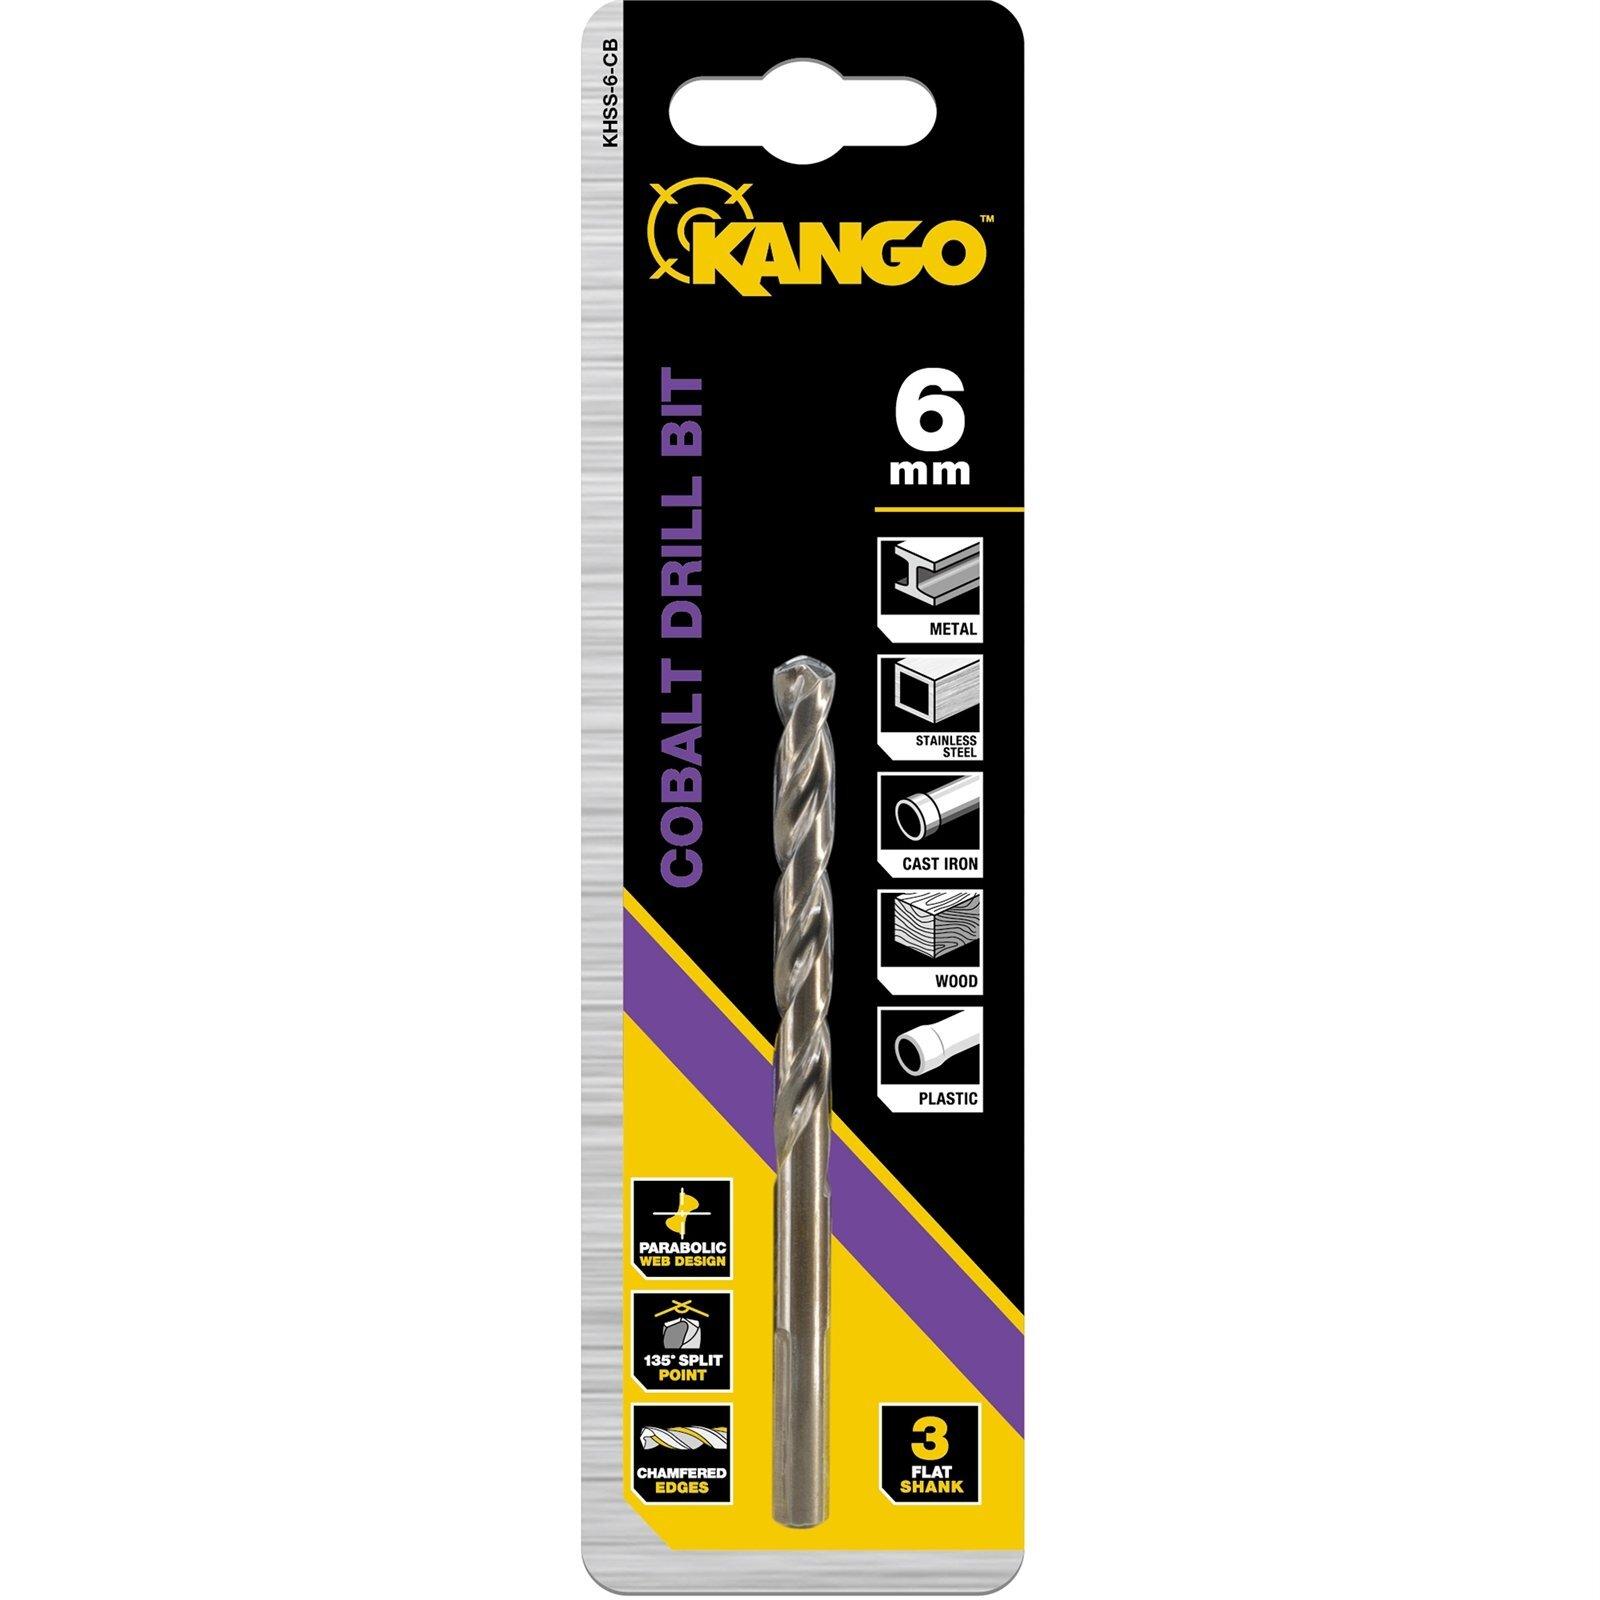 Kango 6mm Cobalt Drill Bit